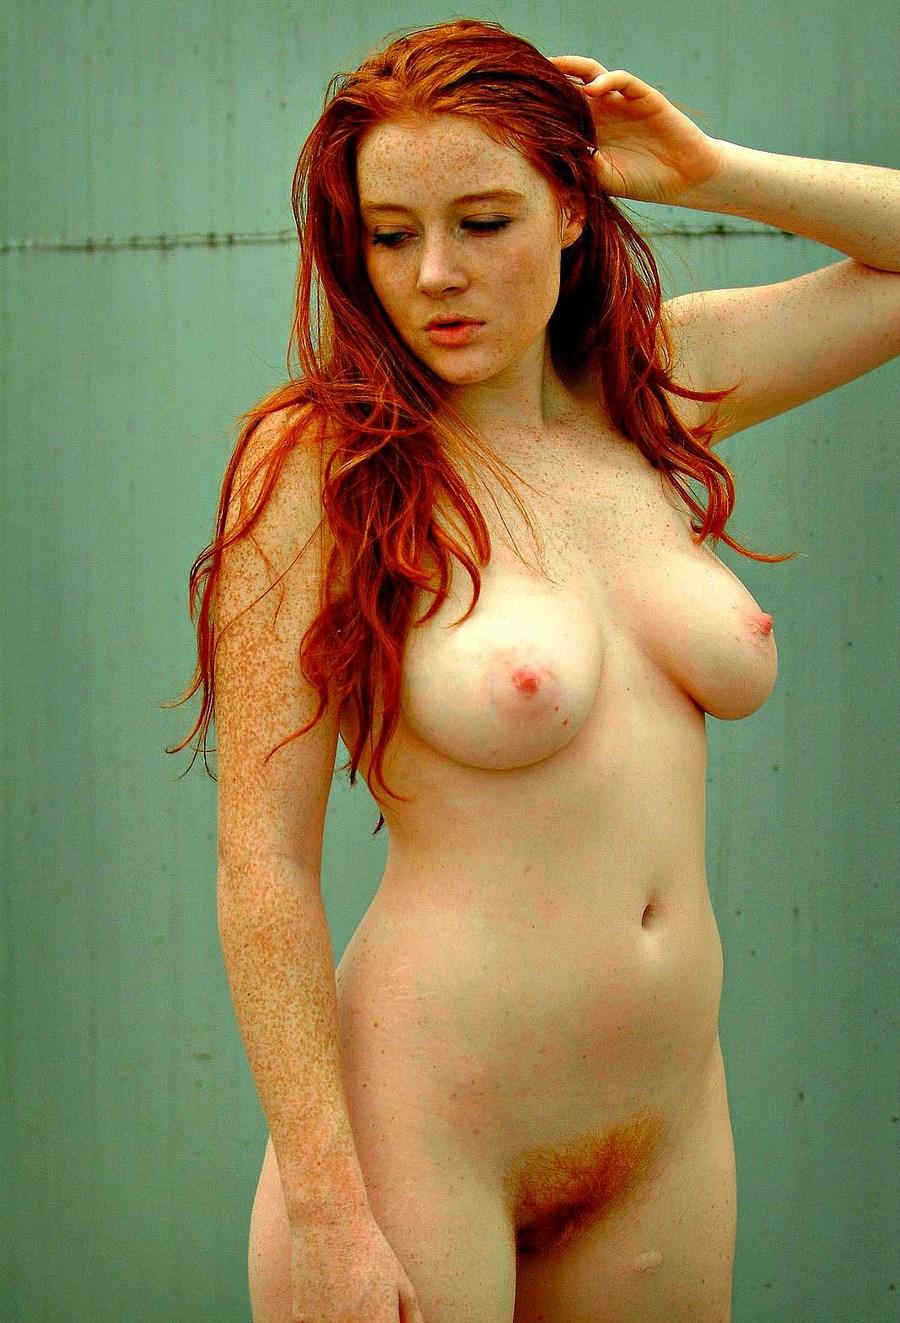 Самая волосатый пизда в мире 11 фотография